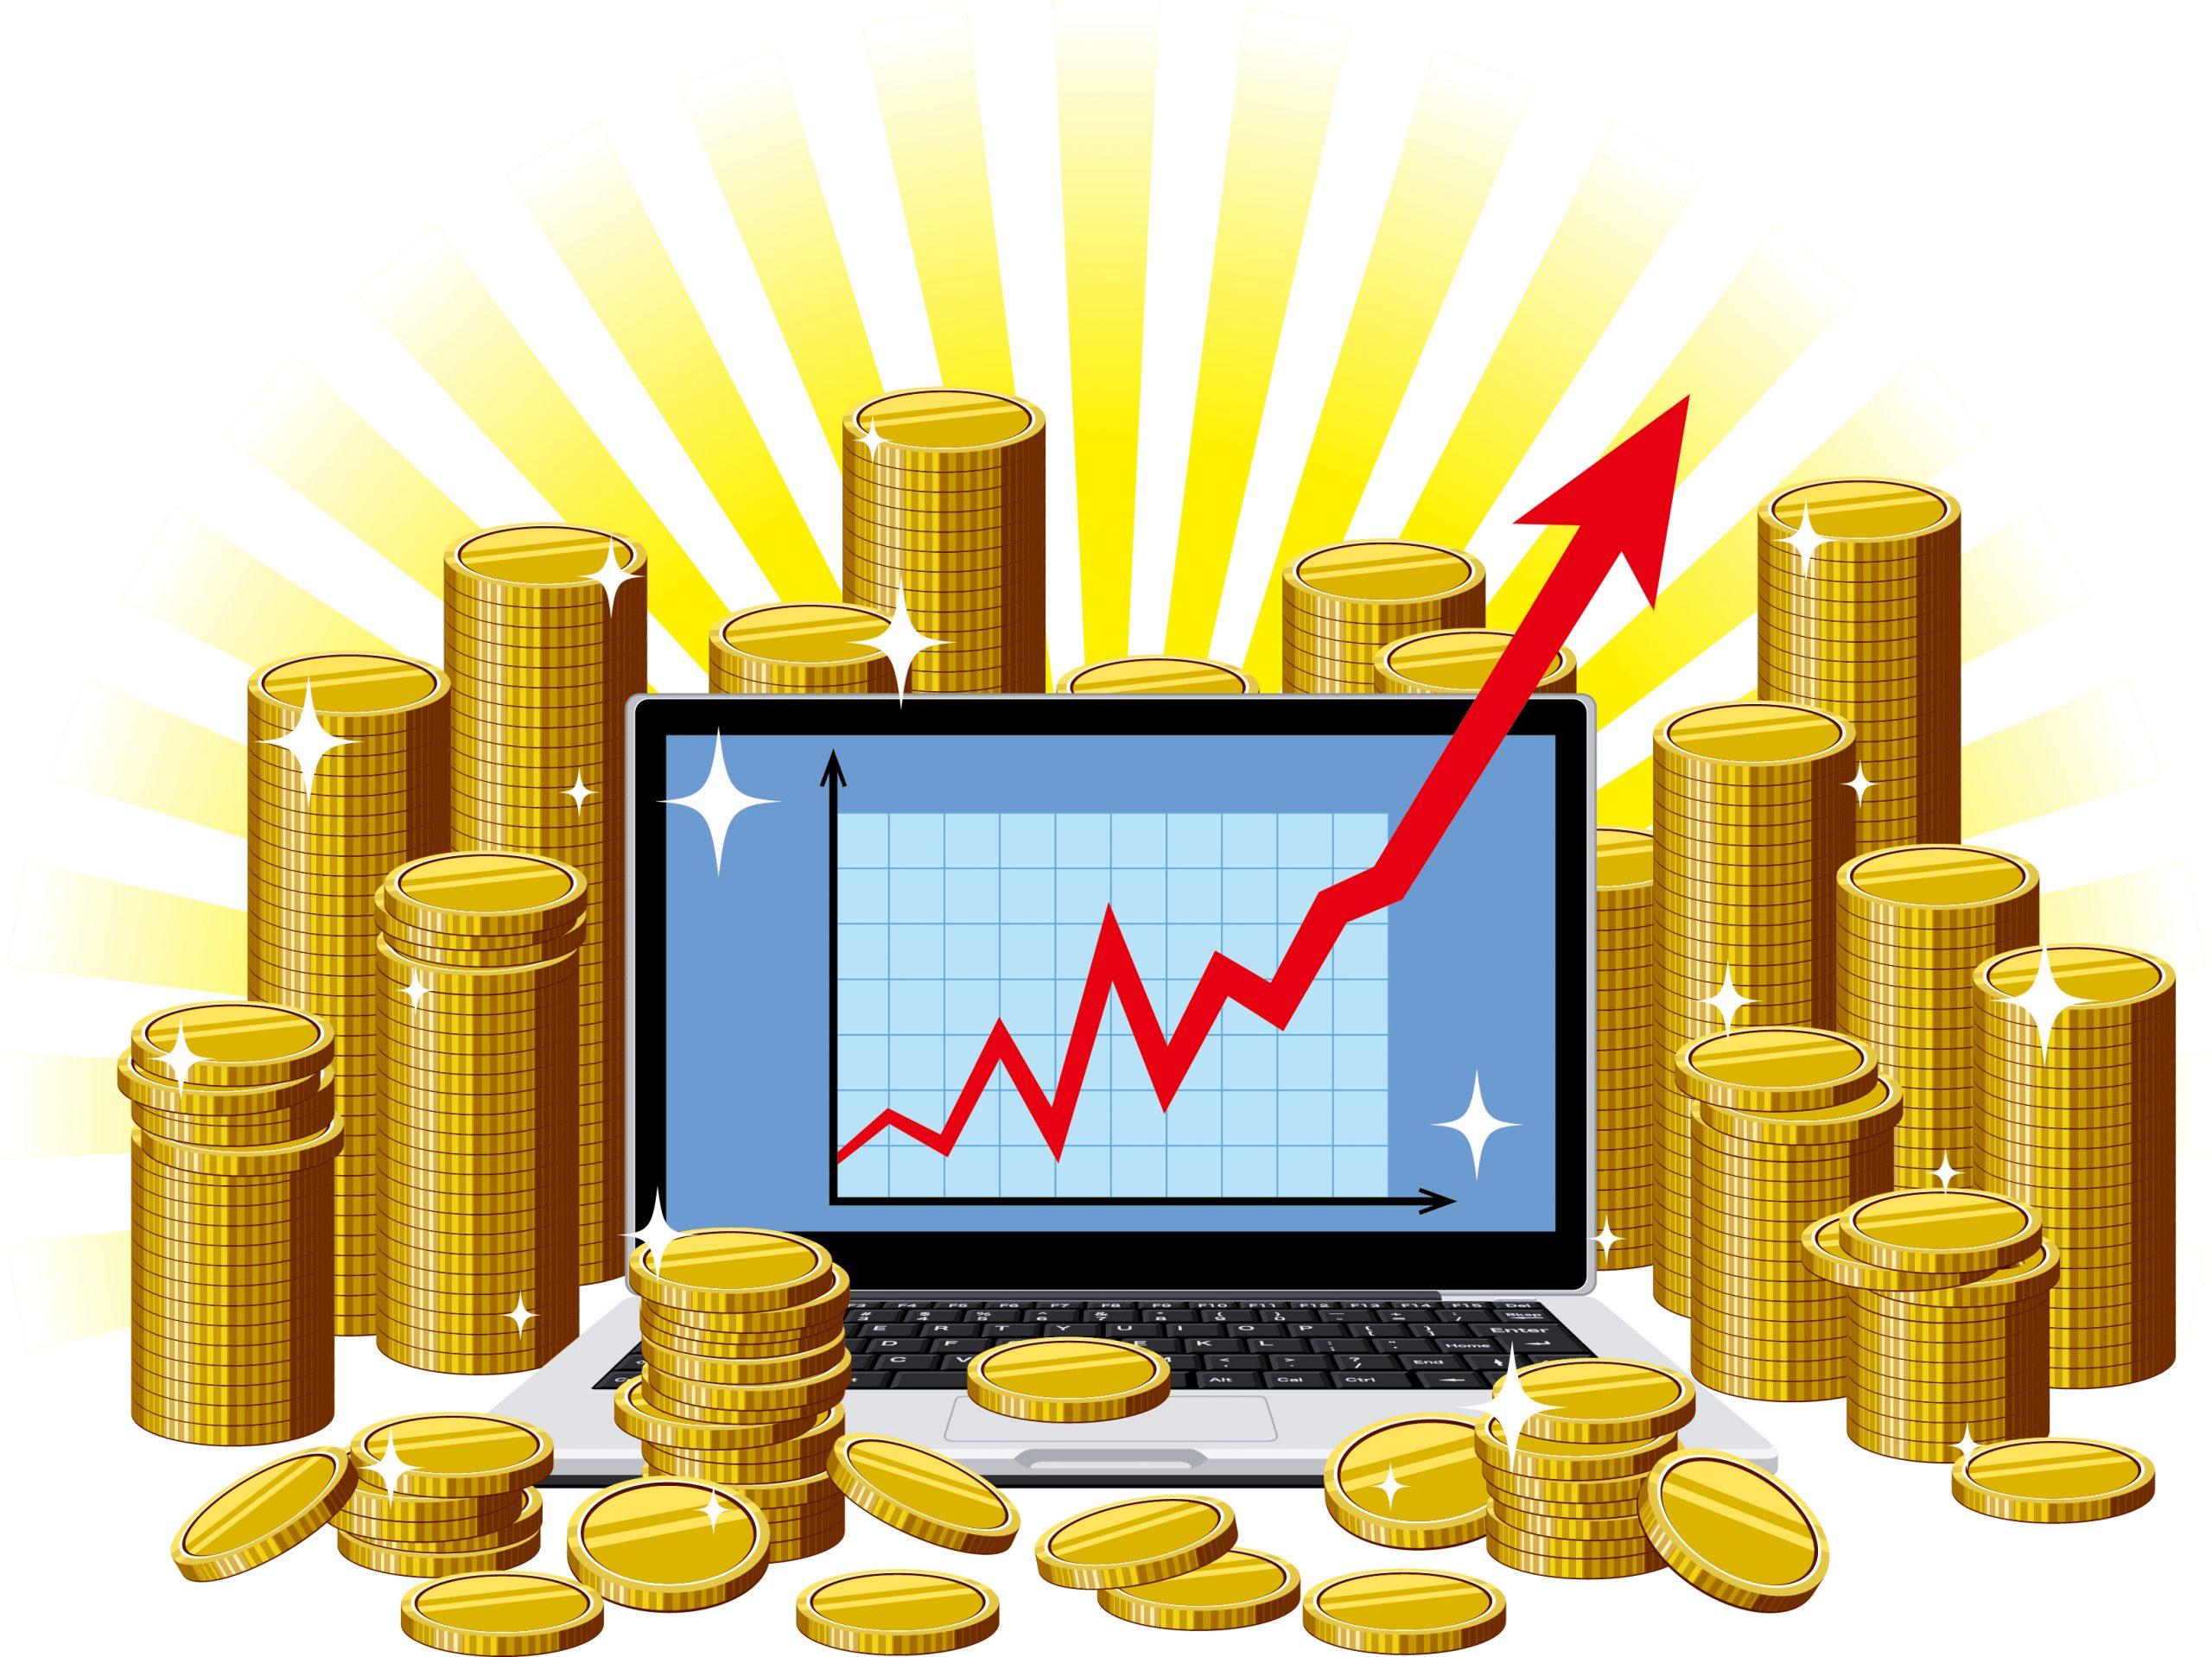 【実録】Webライター初心者の収入を公開!どうやって稼いだの?